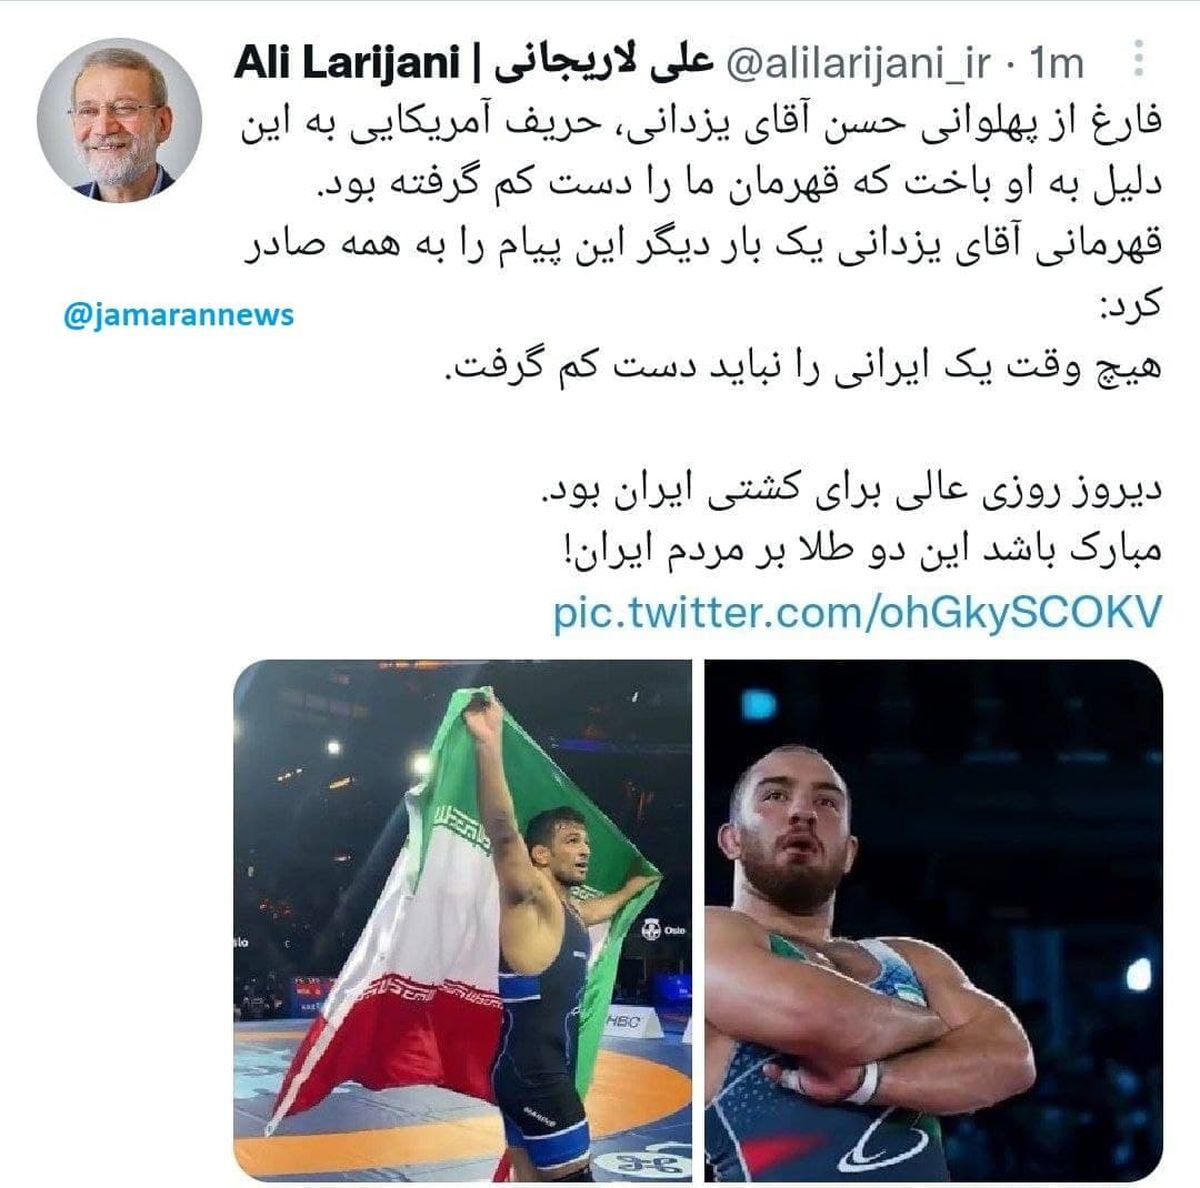 پیام جالب علی لاریجانی در مورد شکست یک آمریکایی